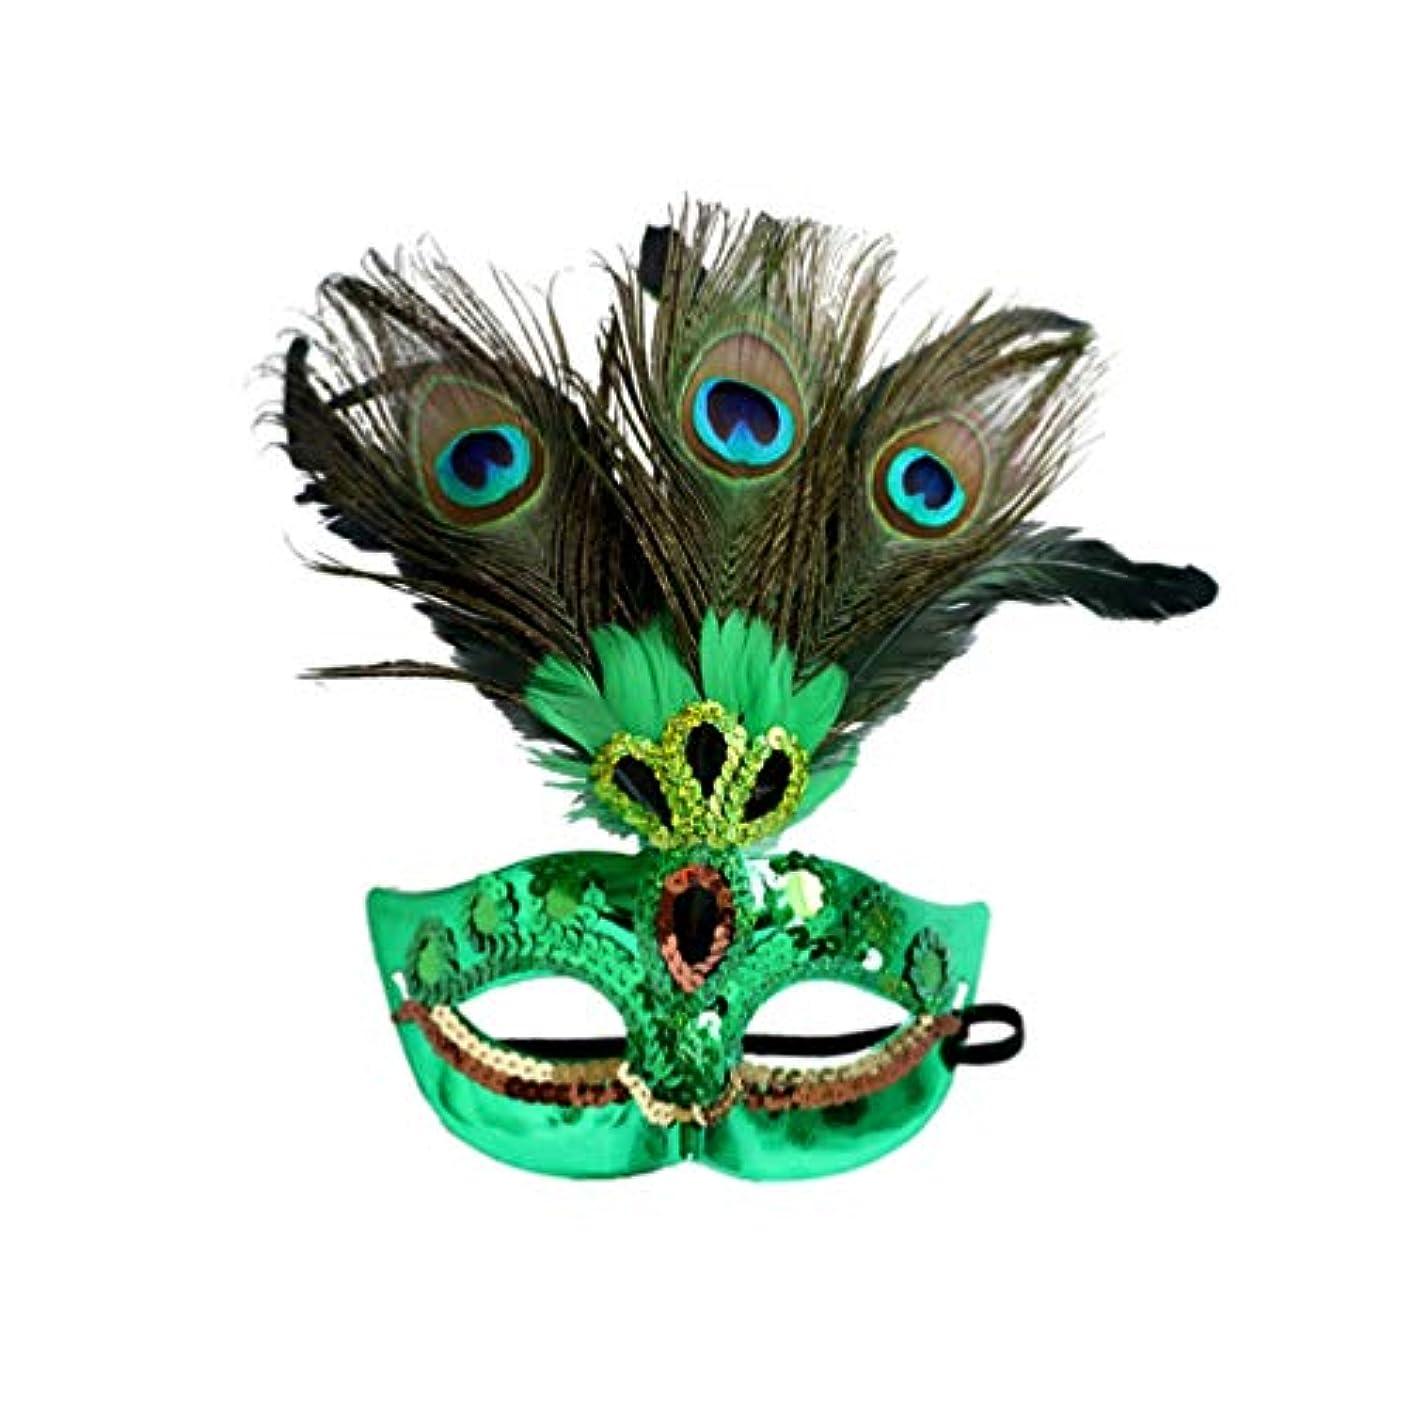 光沢ゴルフ祖先Amosfun 1ピースクリエイティブ耐久性のあるportativeクリスマスマスク羽プラスチッククジャク用マスカレード大人コスプレクリスマスパーティー